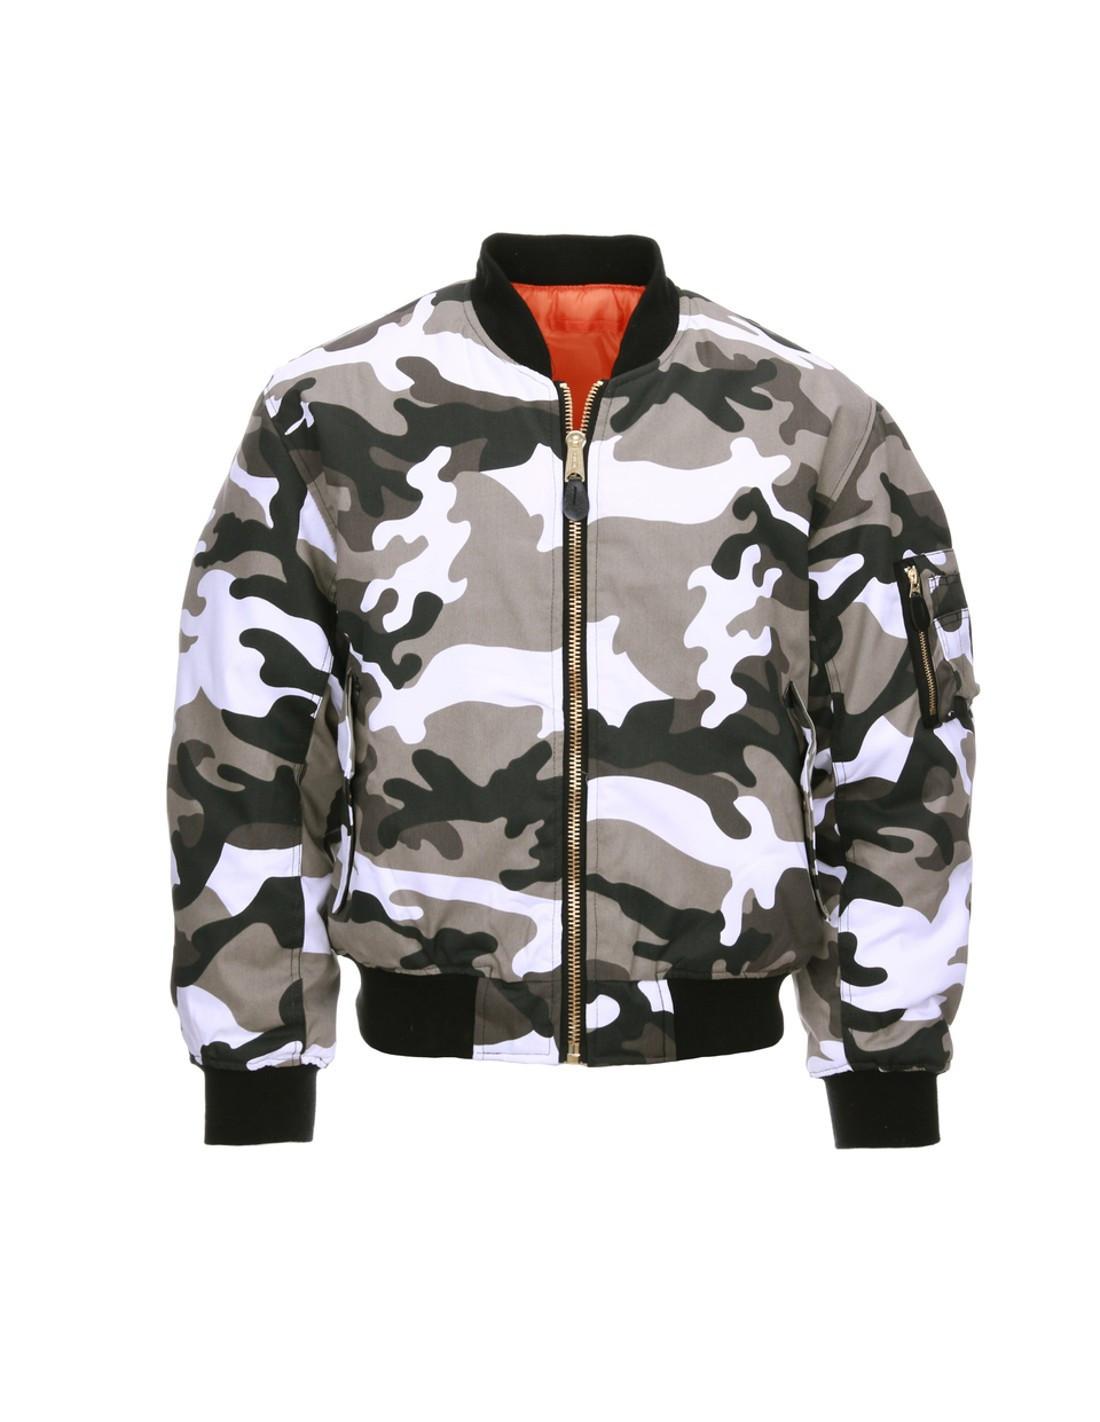 miglior servizio 1f260 87653 Bomber Militare MA-1 Flight Jacket USA Camouflage - Fostex Garments...